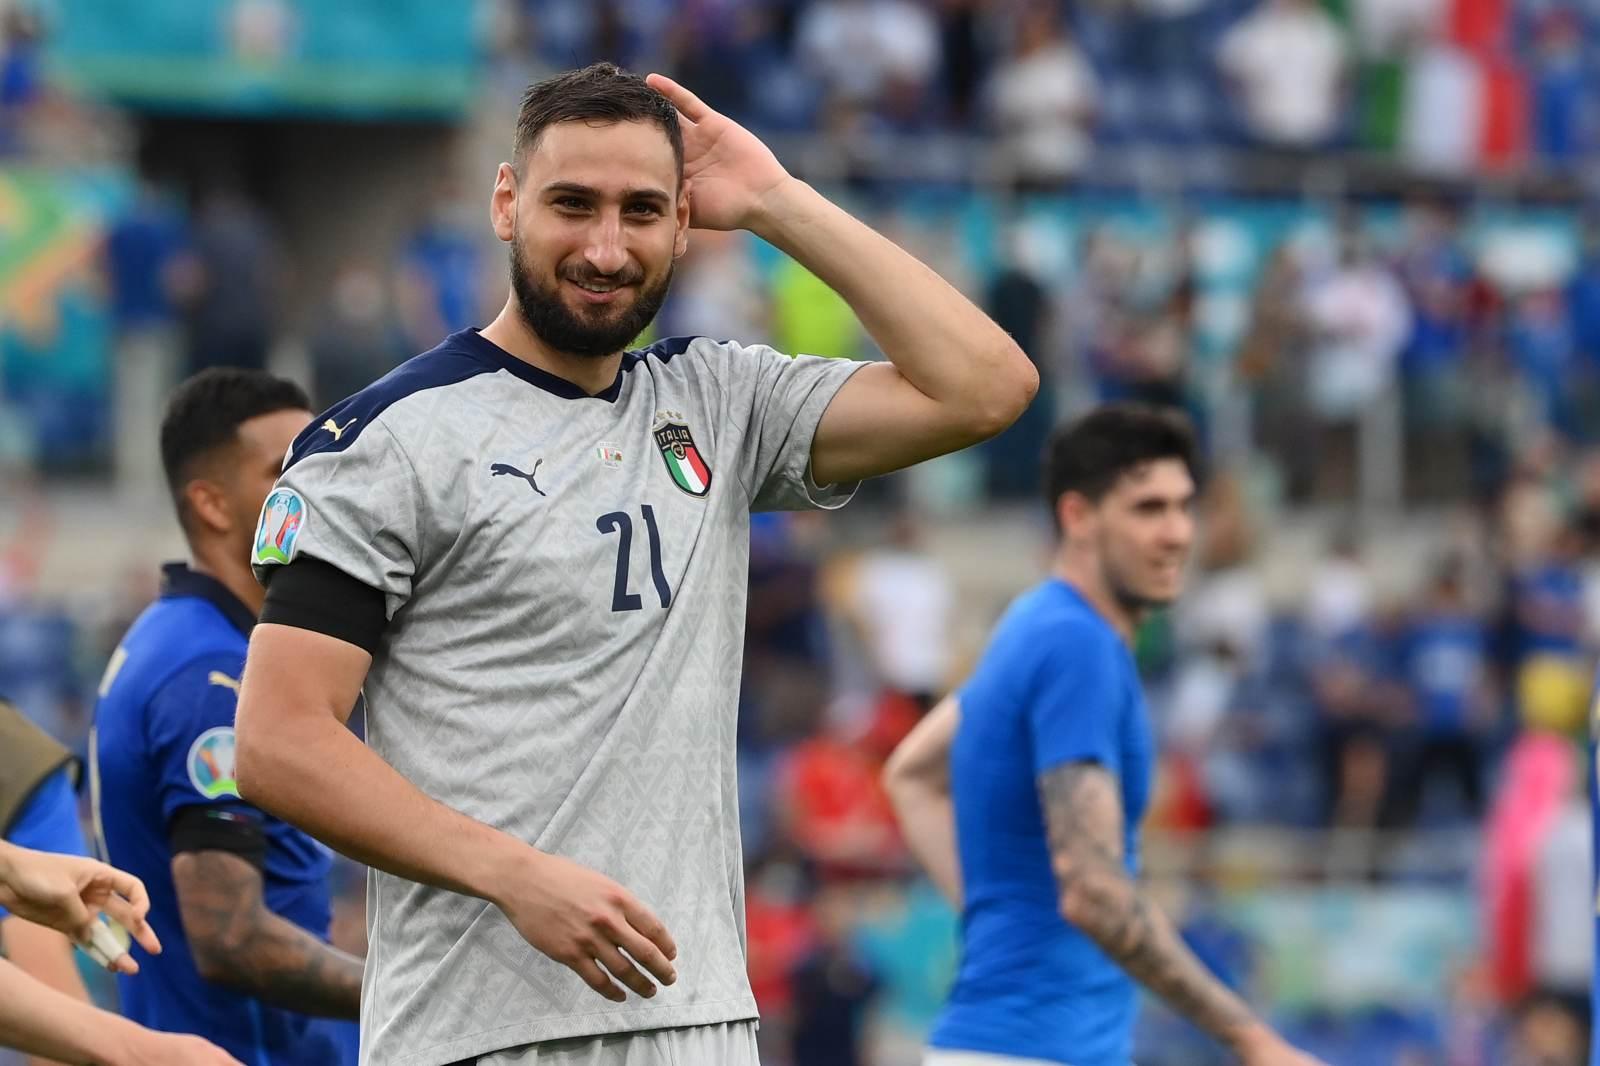 Пять игроков, благодаря которым сборная Италии обыграла Испанию в полуфинале Евро-2020